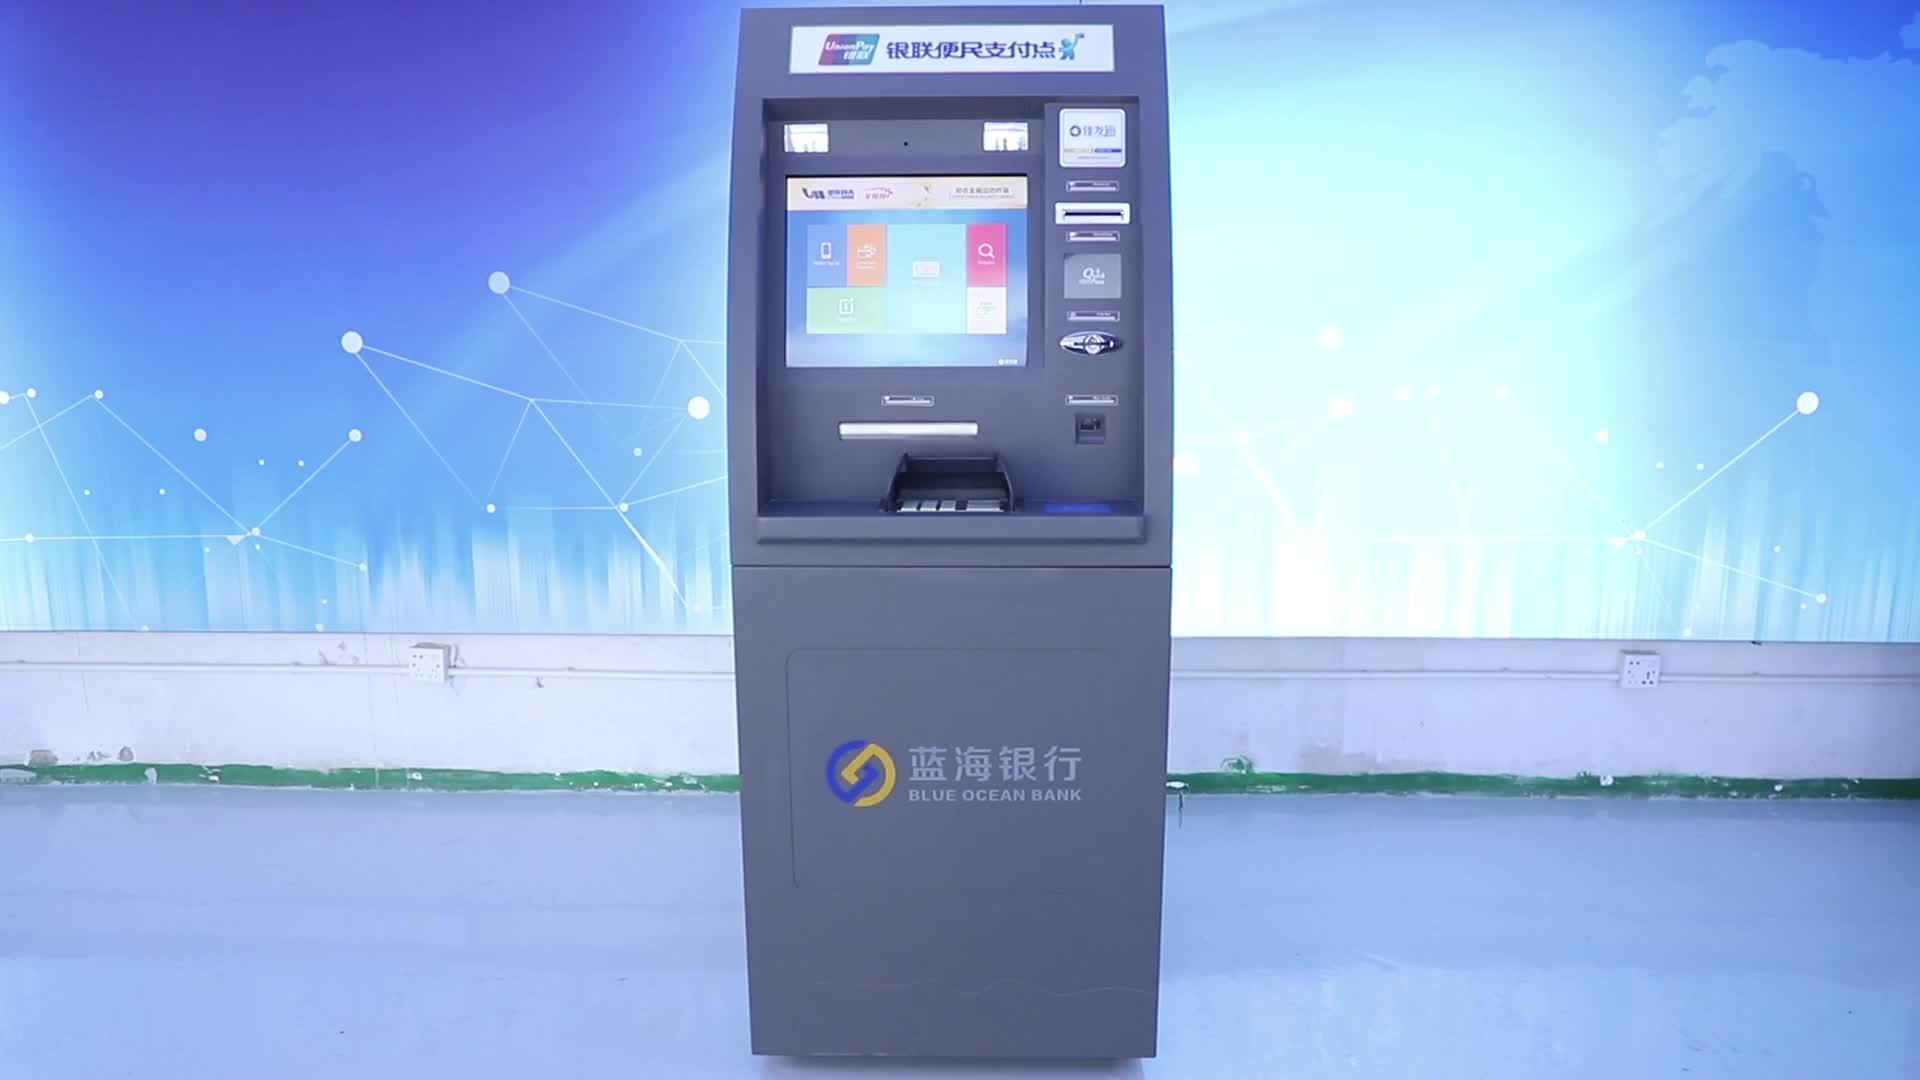 Germania a început să oprească ATM-urile bitcoin nelicențiate